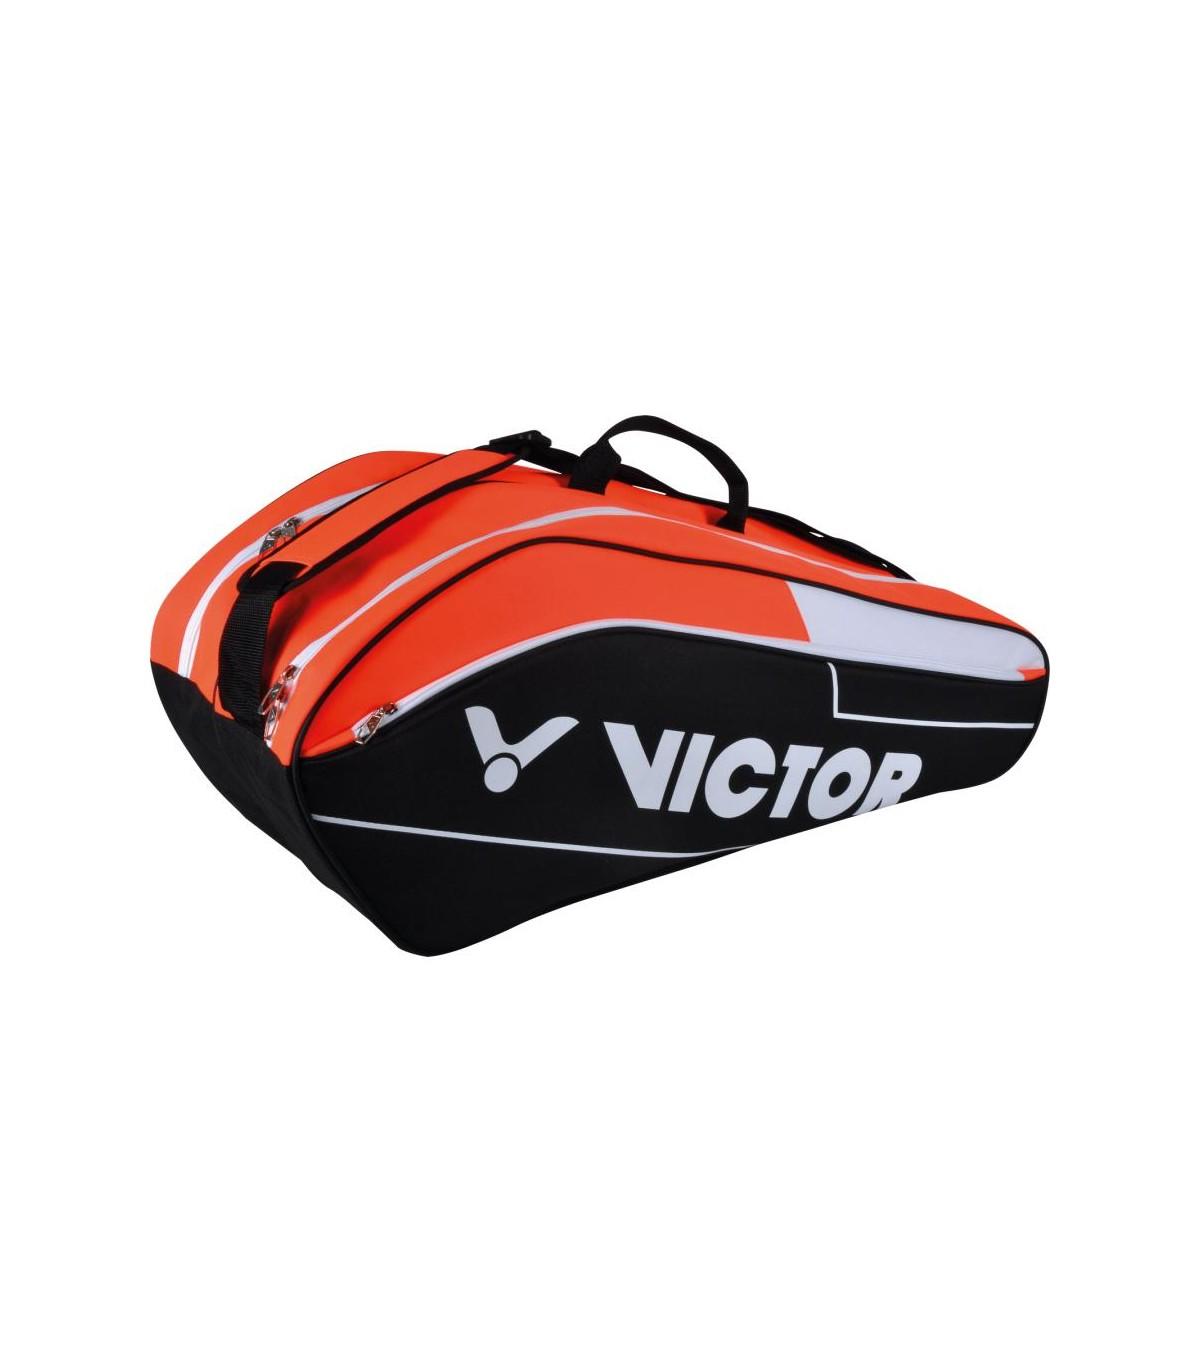 5be93701ee Victor Doublethermobag BR6211 Orange